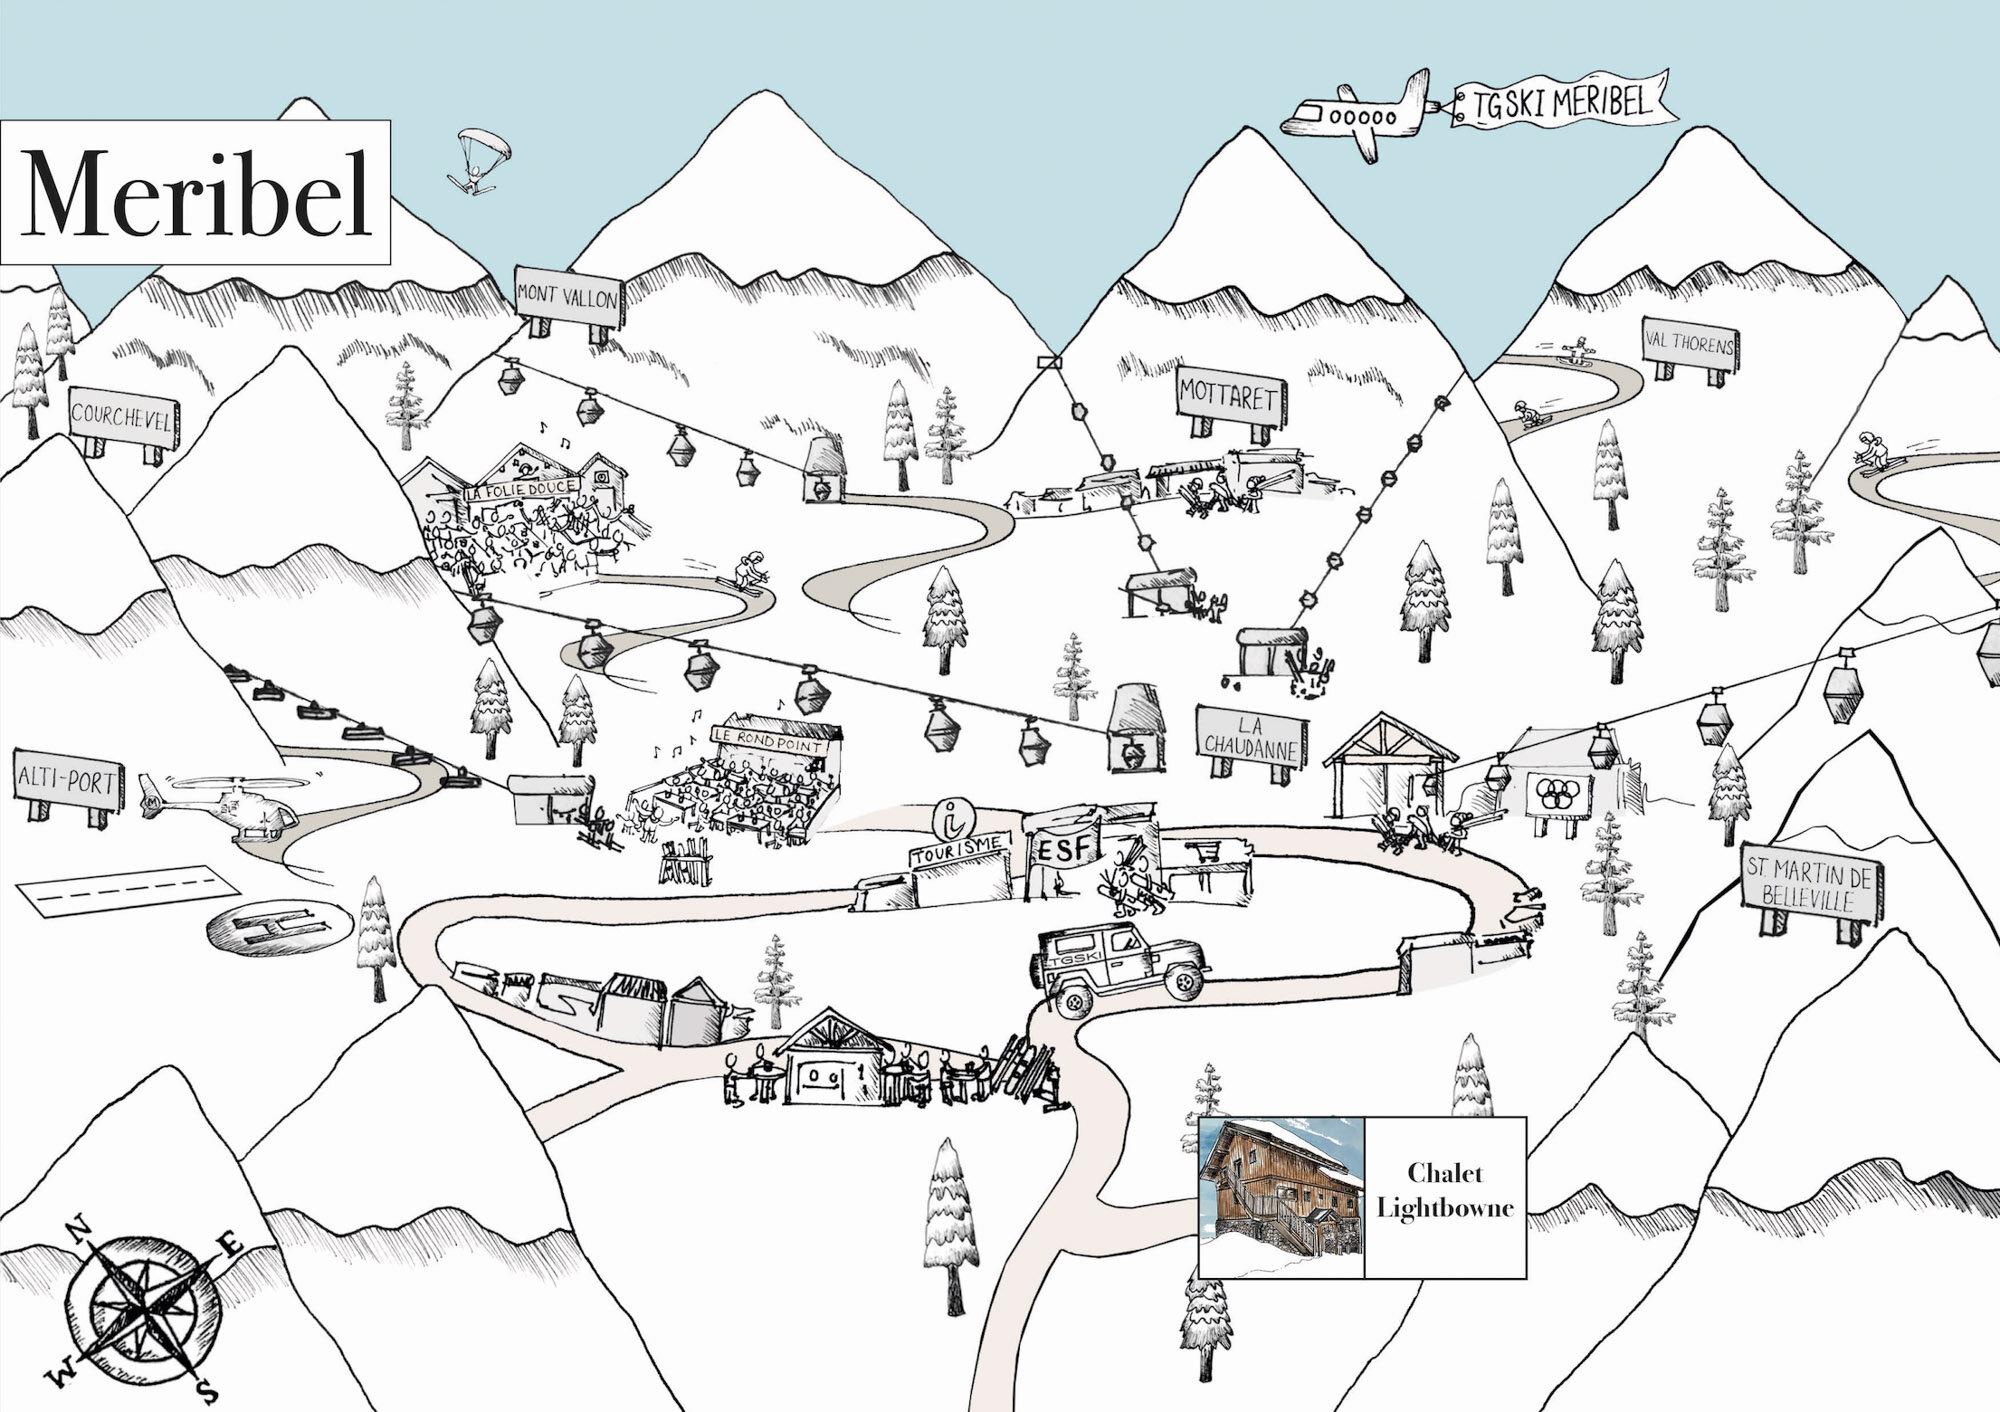 Meribel-Map-with-Luxury-ski-Chalet-Lightbowne.jpg